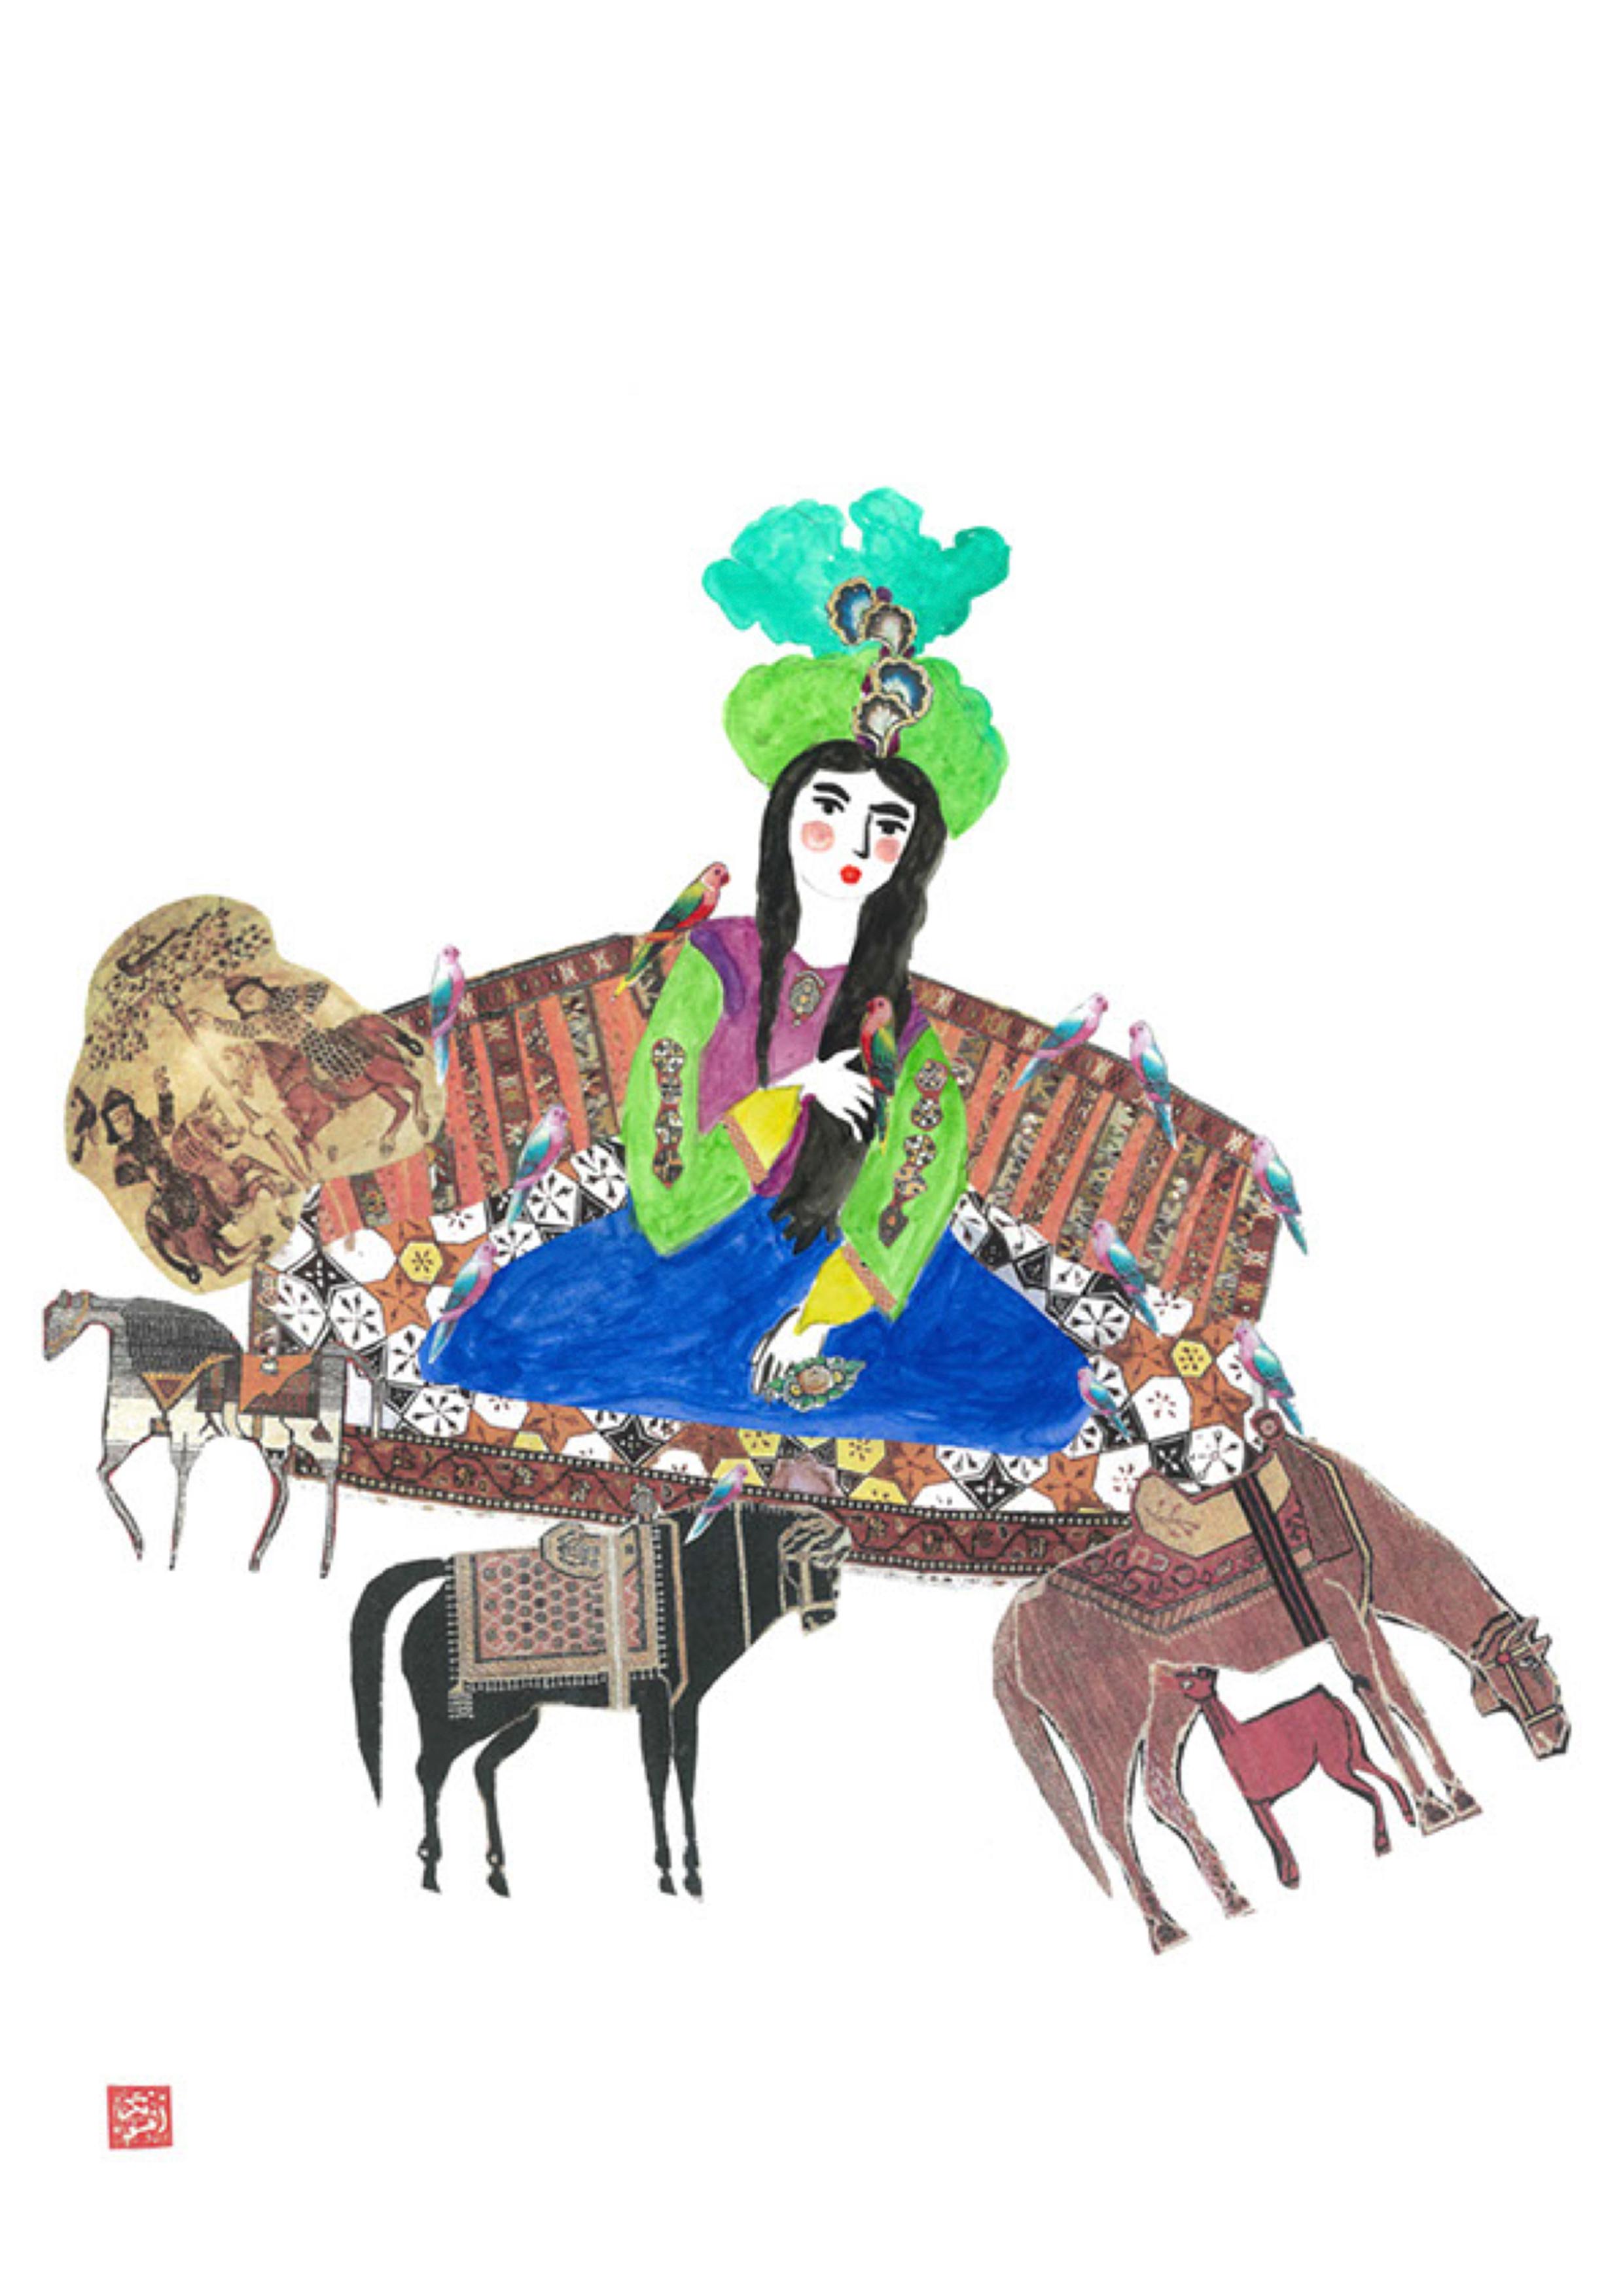 Afsoon - 20 - Horses - Persian Expressions